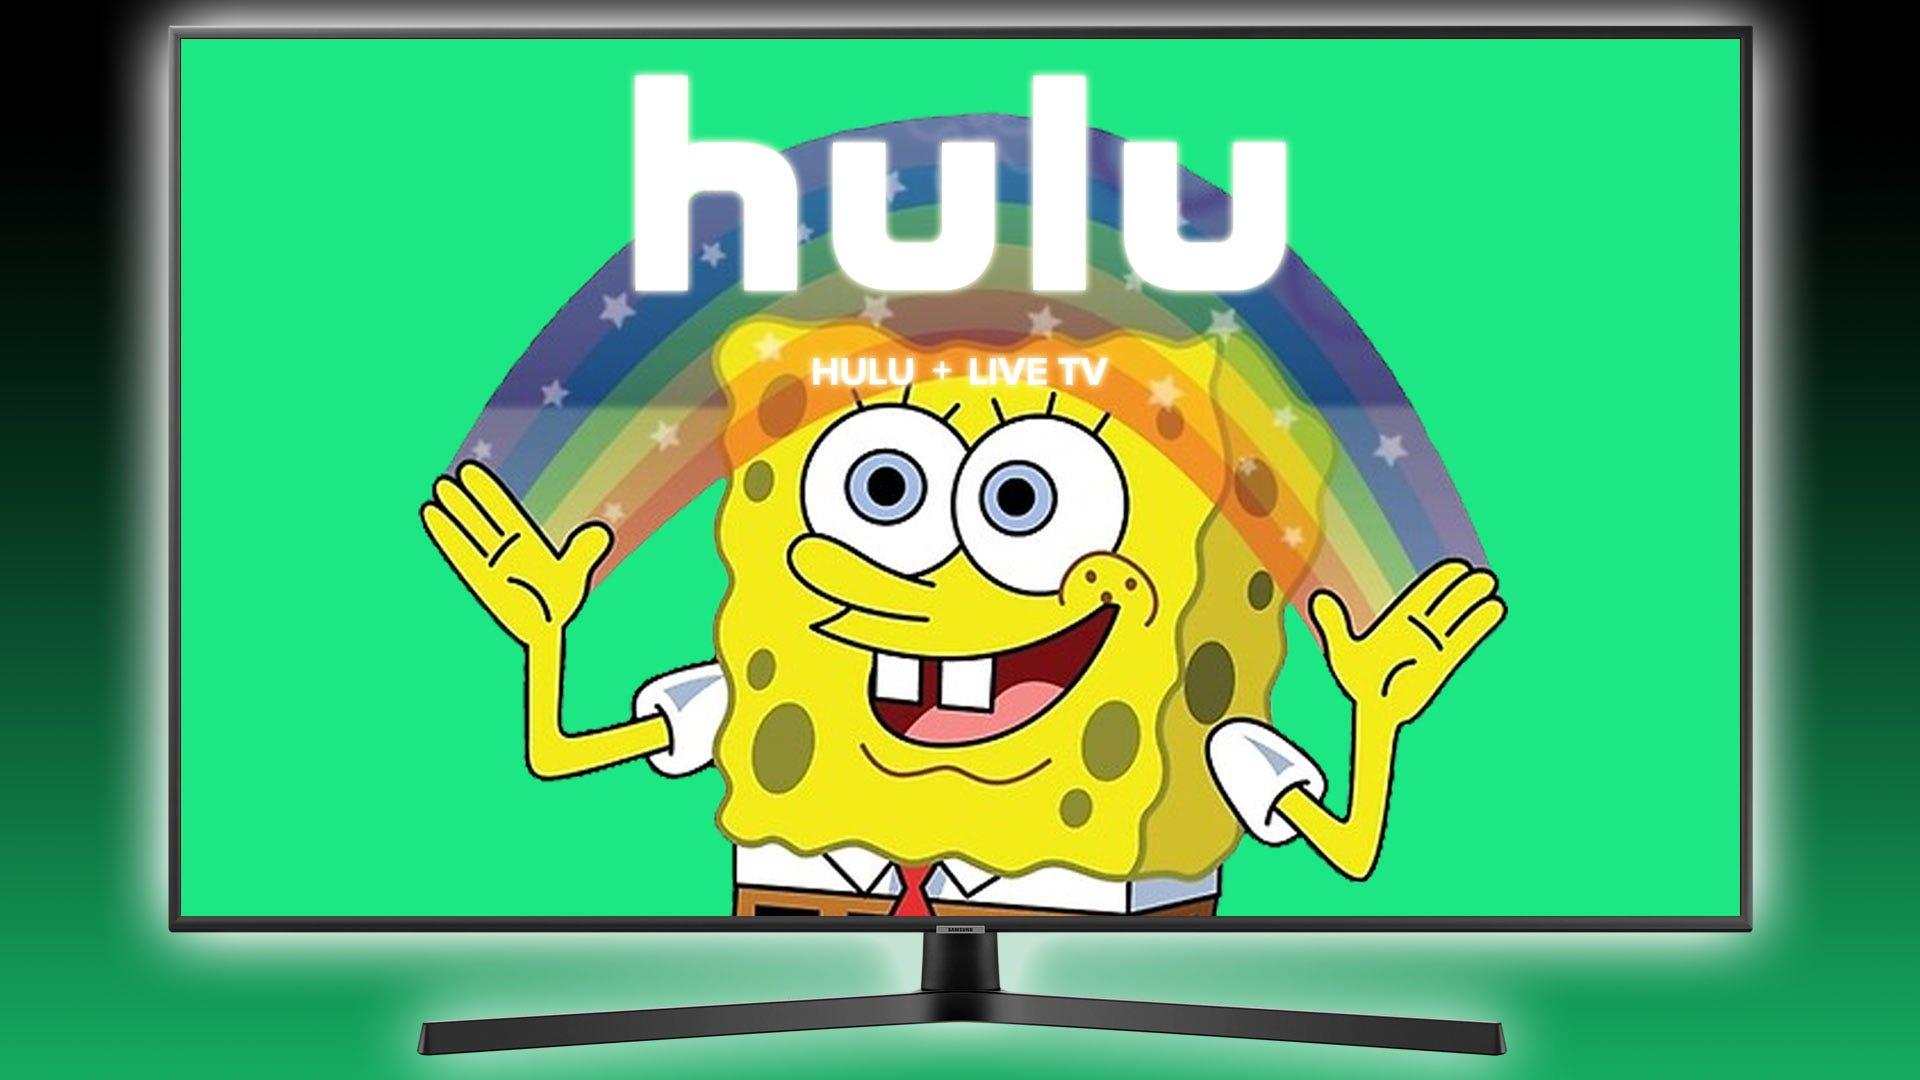 SpongeBob Squarepants e arcobaleno con logo Hulu sovrapposto su di lui.